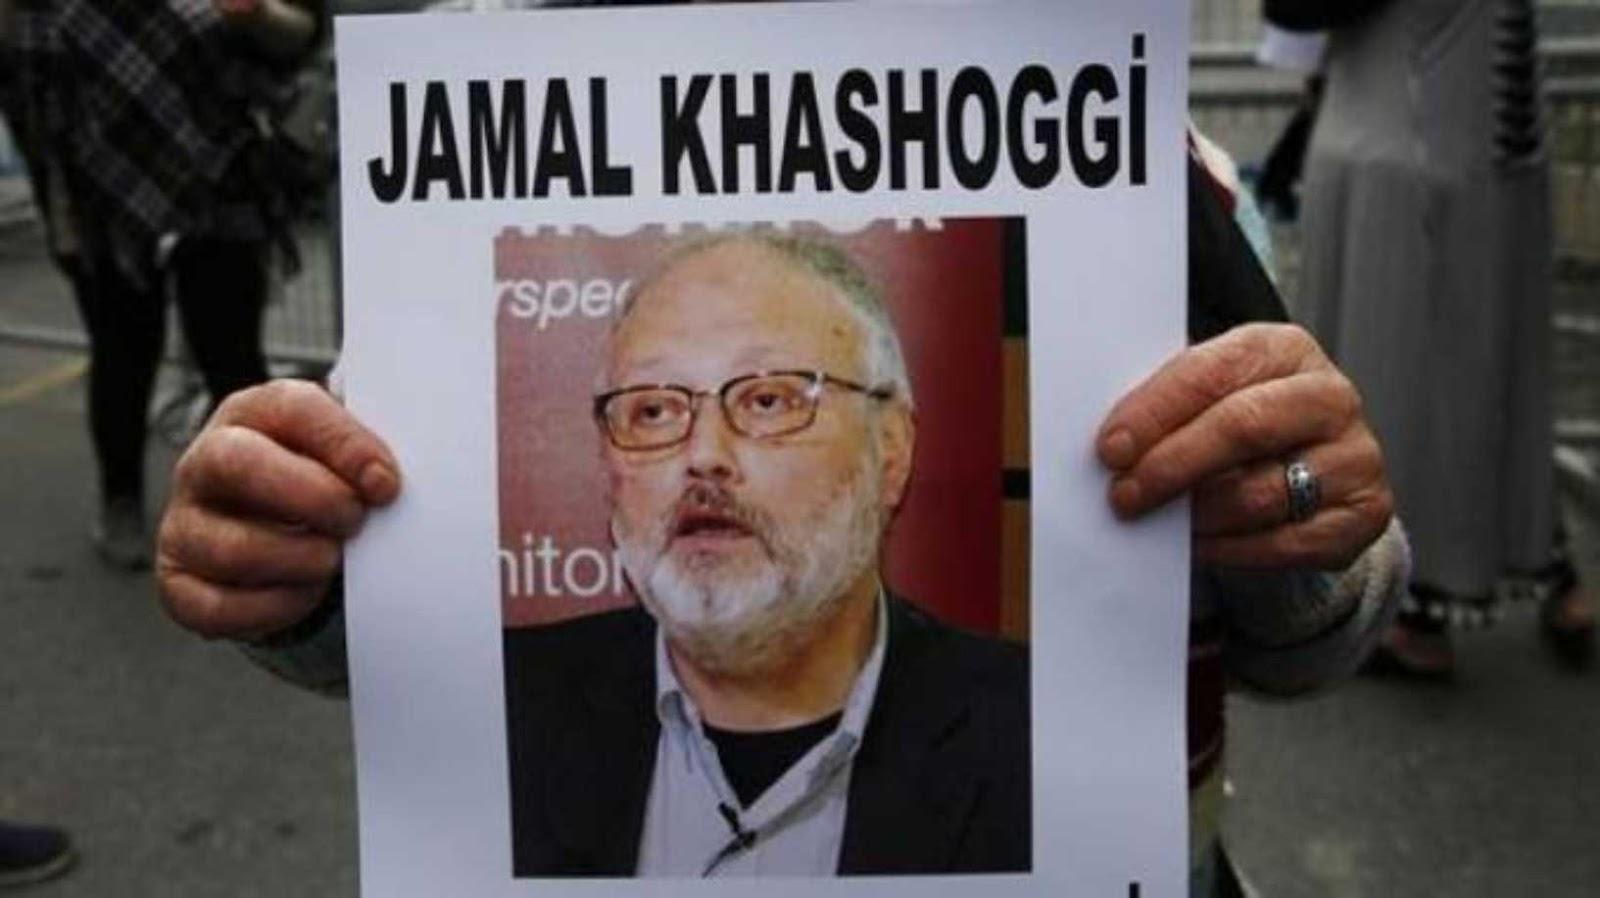 perintah untuk membunuh Khashoggi diberikan oleh puncak pemerintah Saudi